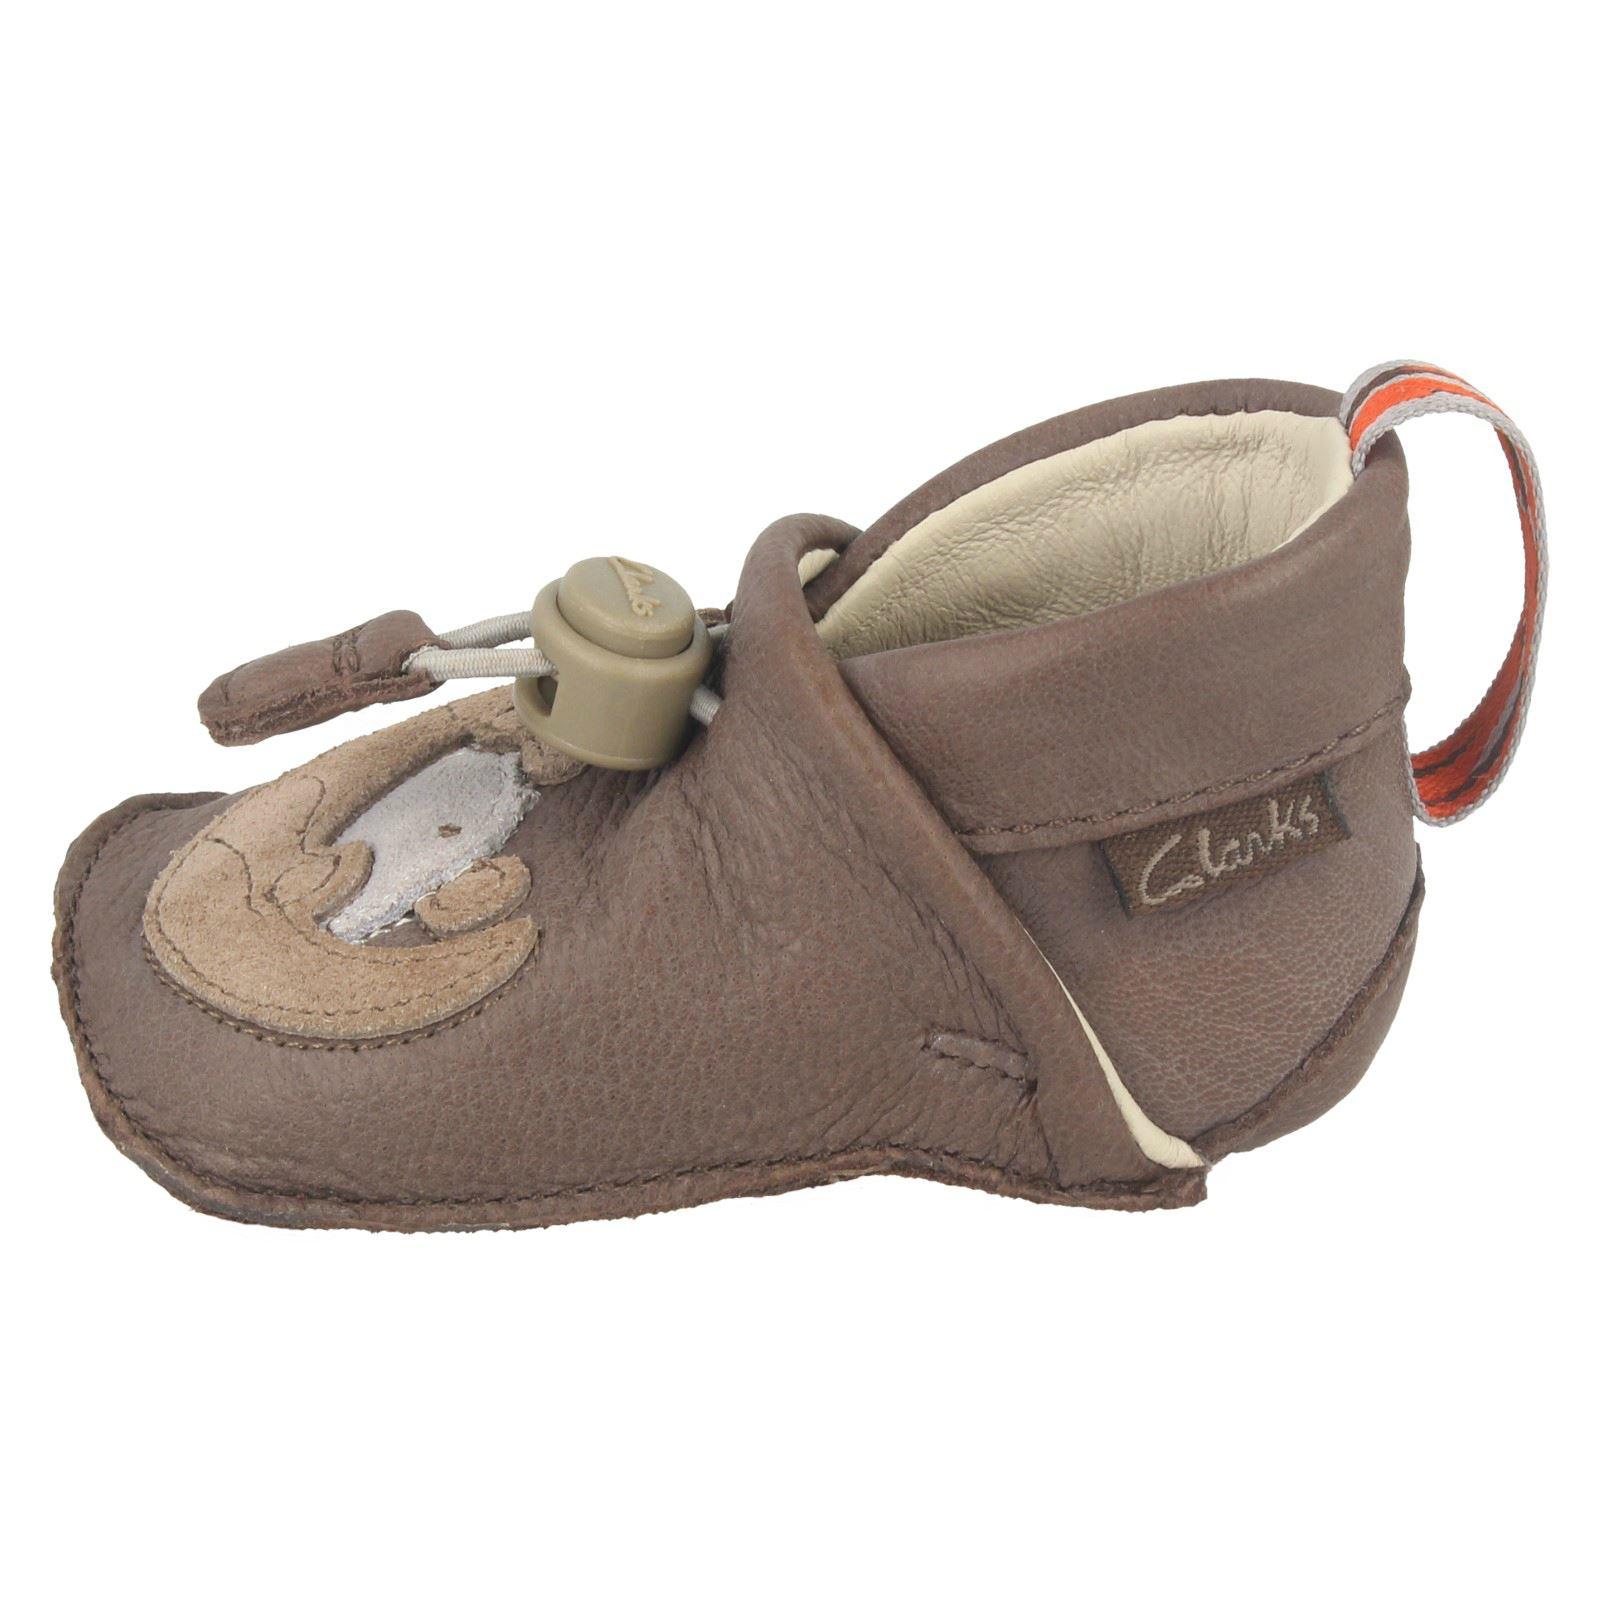 B landau marron pour de bagy souples garçons Chaussures chocolat ' wq5RYaS